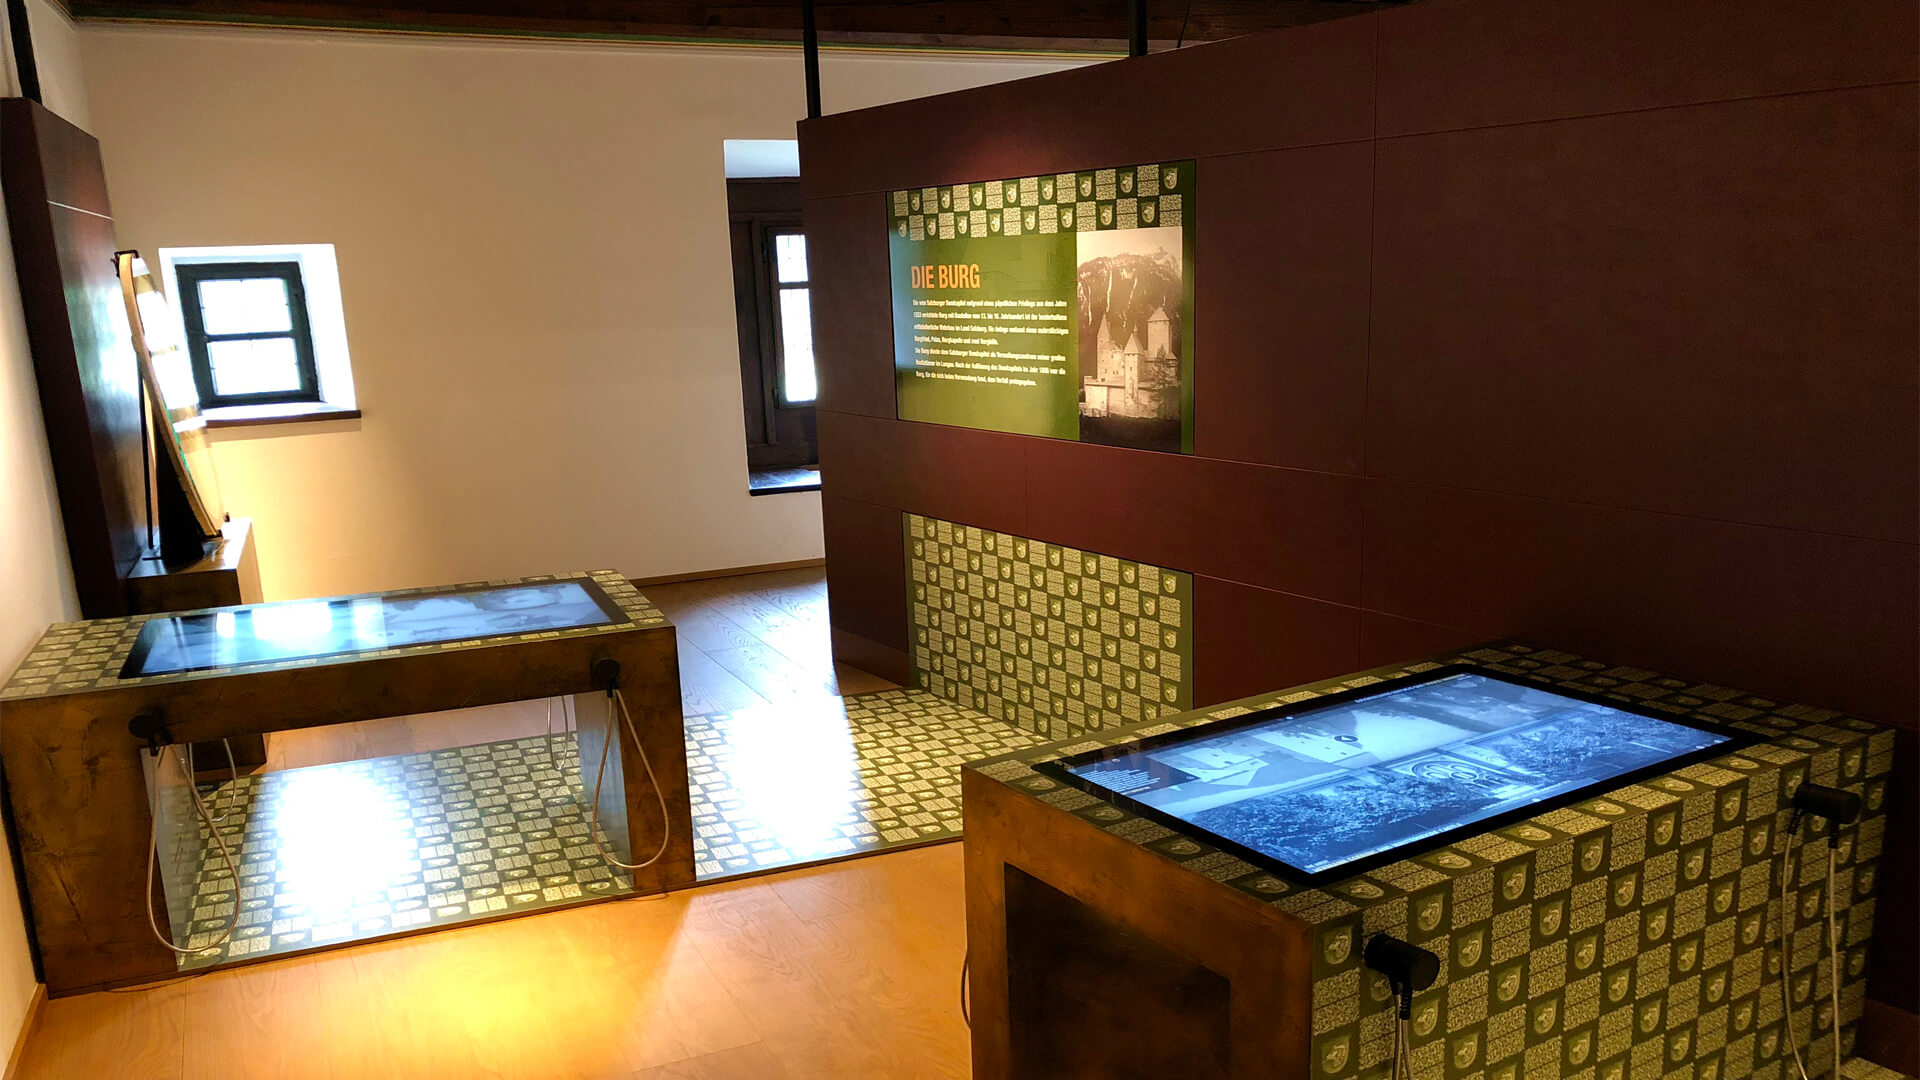 Ausstellung-Epenstein-Burg-Mauterndorf-04